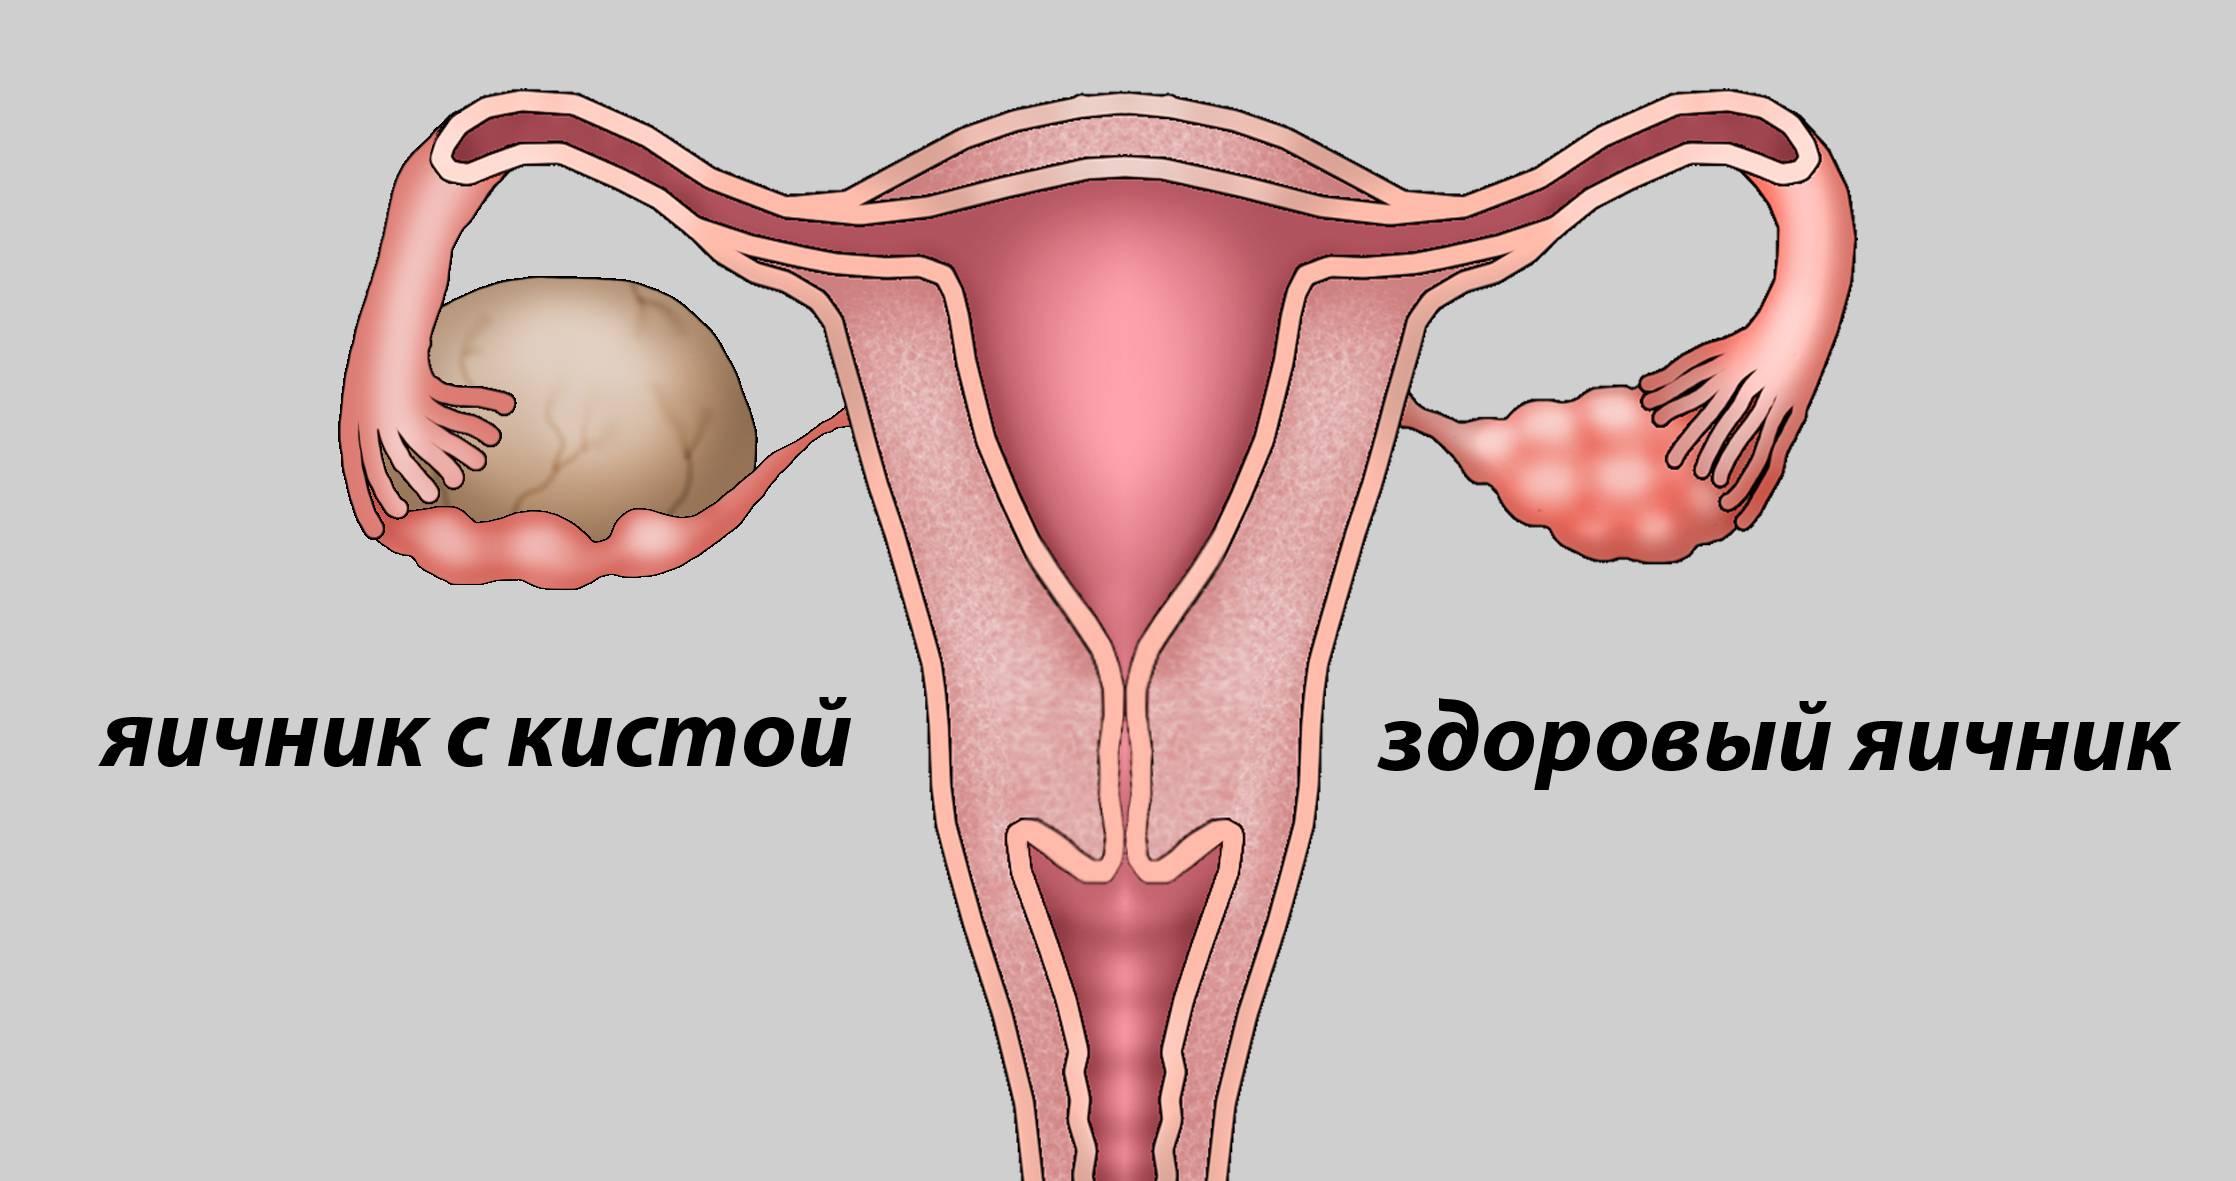 Какие последствия таит в себе киста яичника у женщин